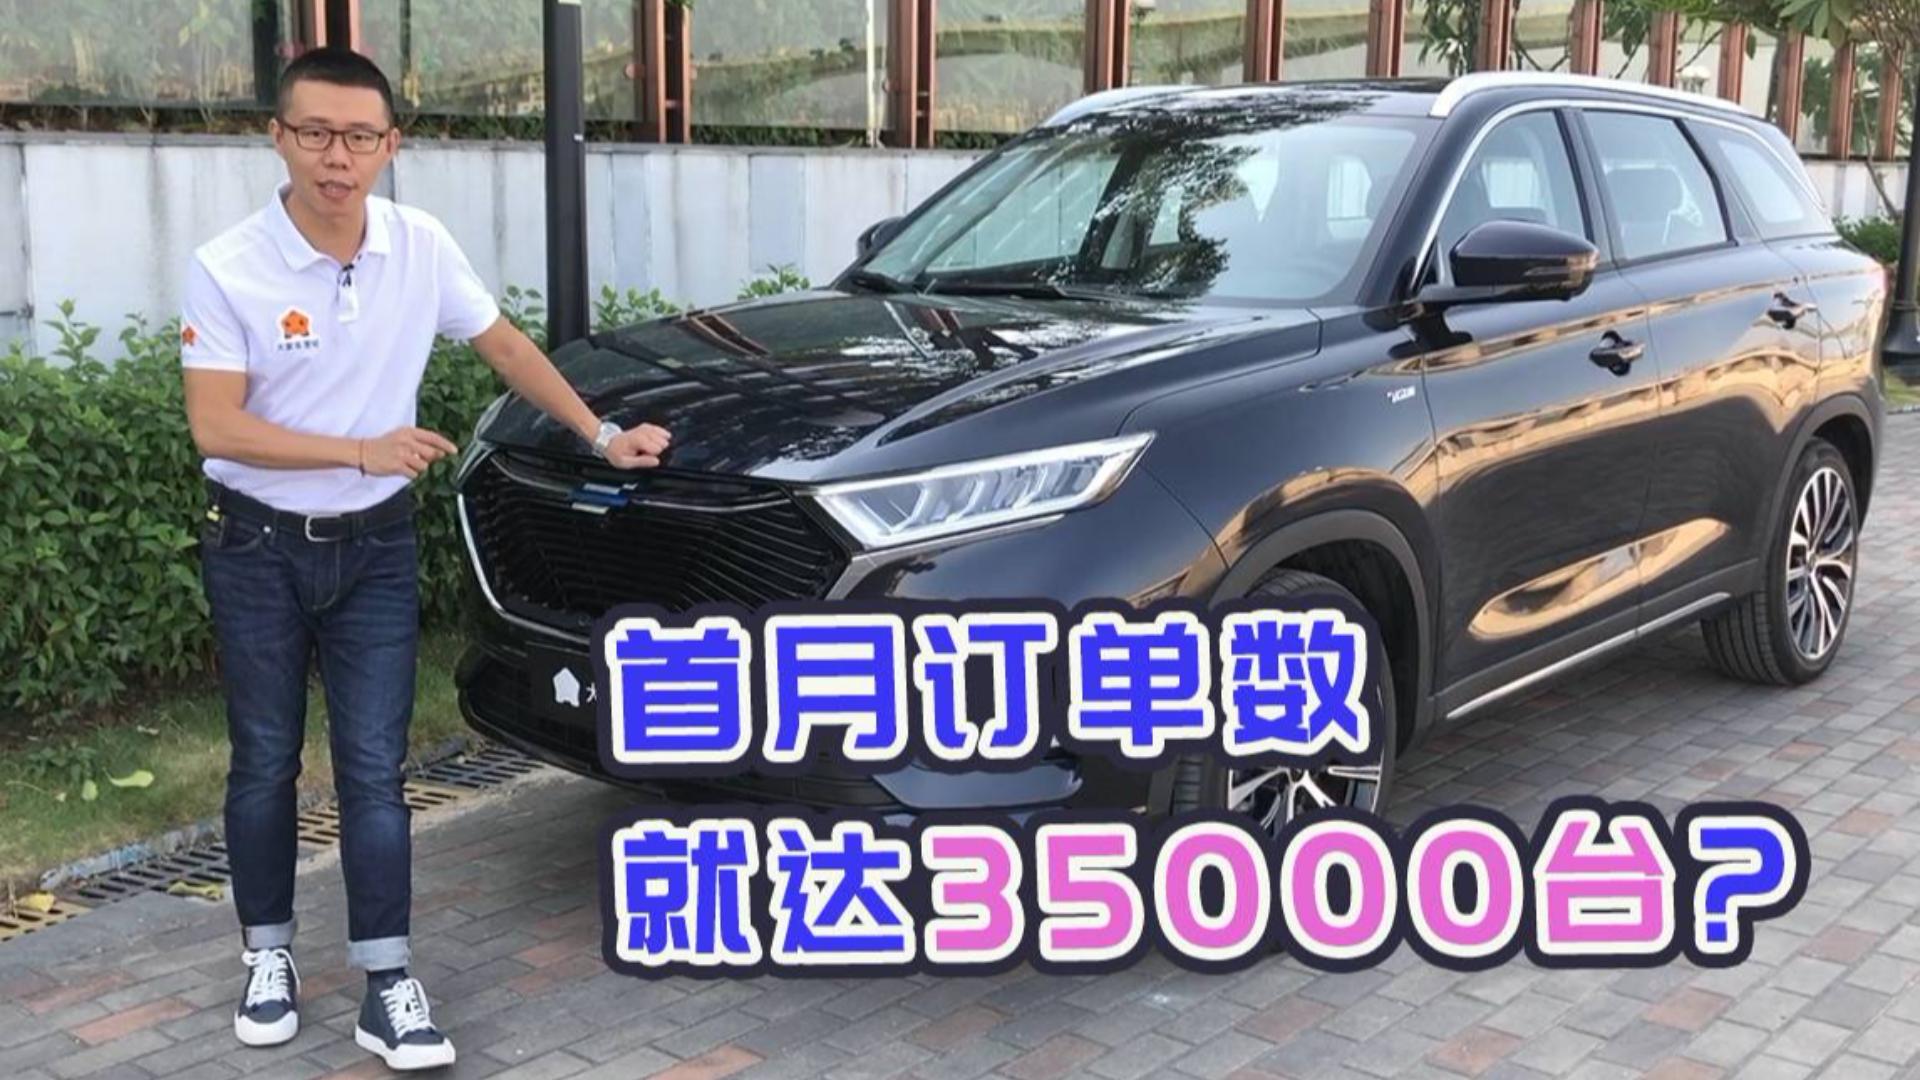 这台车11万能买顶配,首月订单数就达35000台?